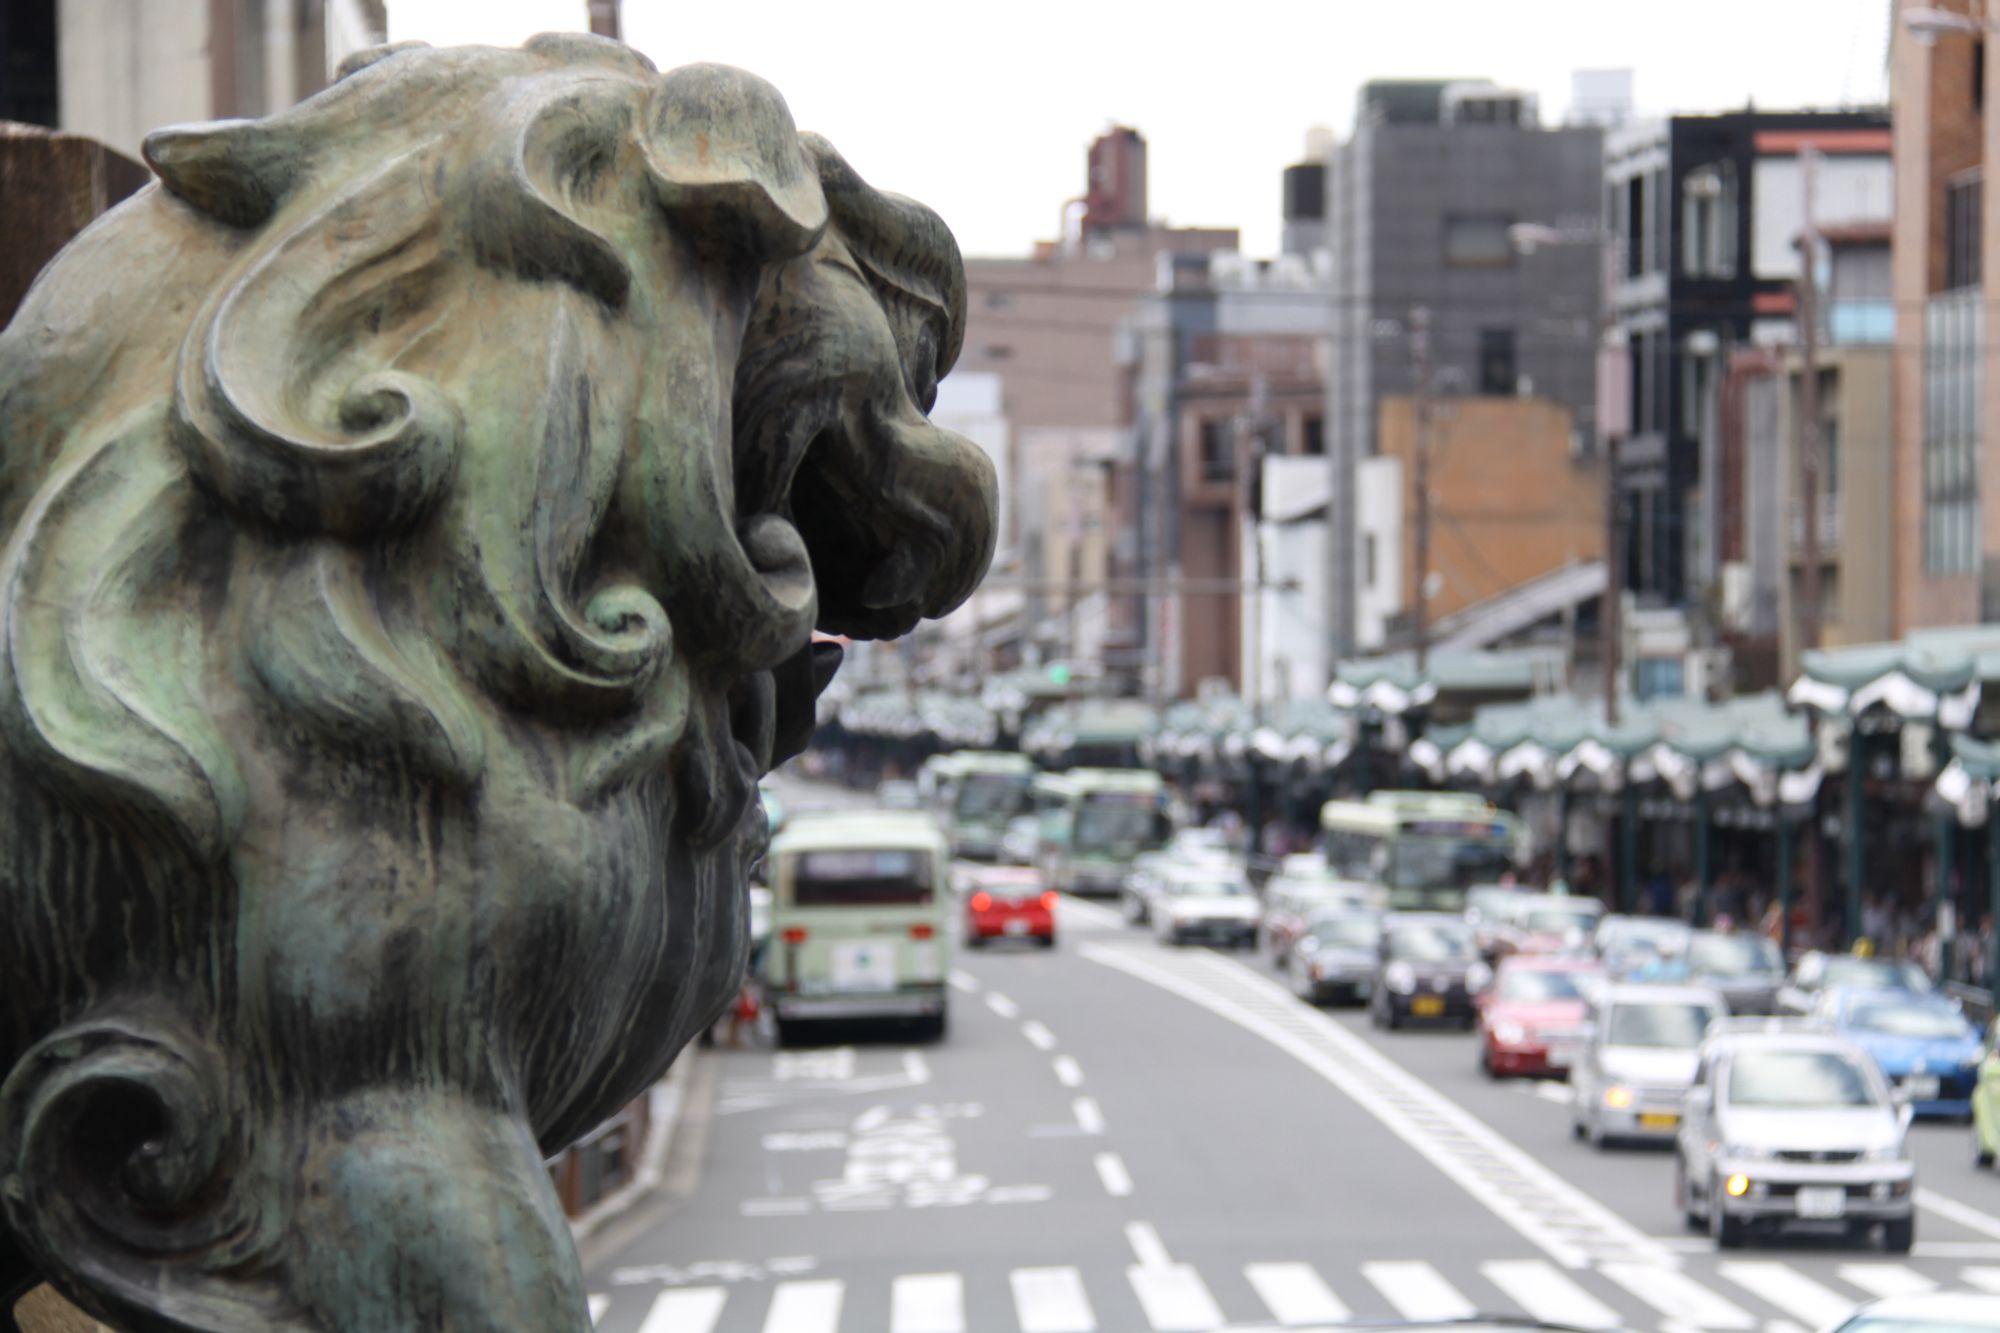 八坂神社。祇園の街を見下ろす狛犬。 祇園祭 京都 kyoto gion festival